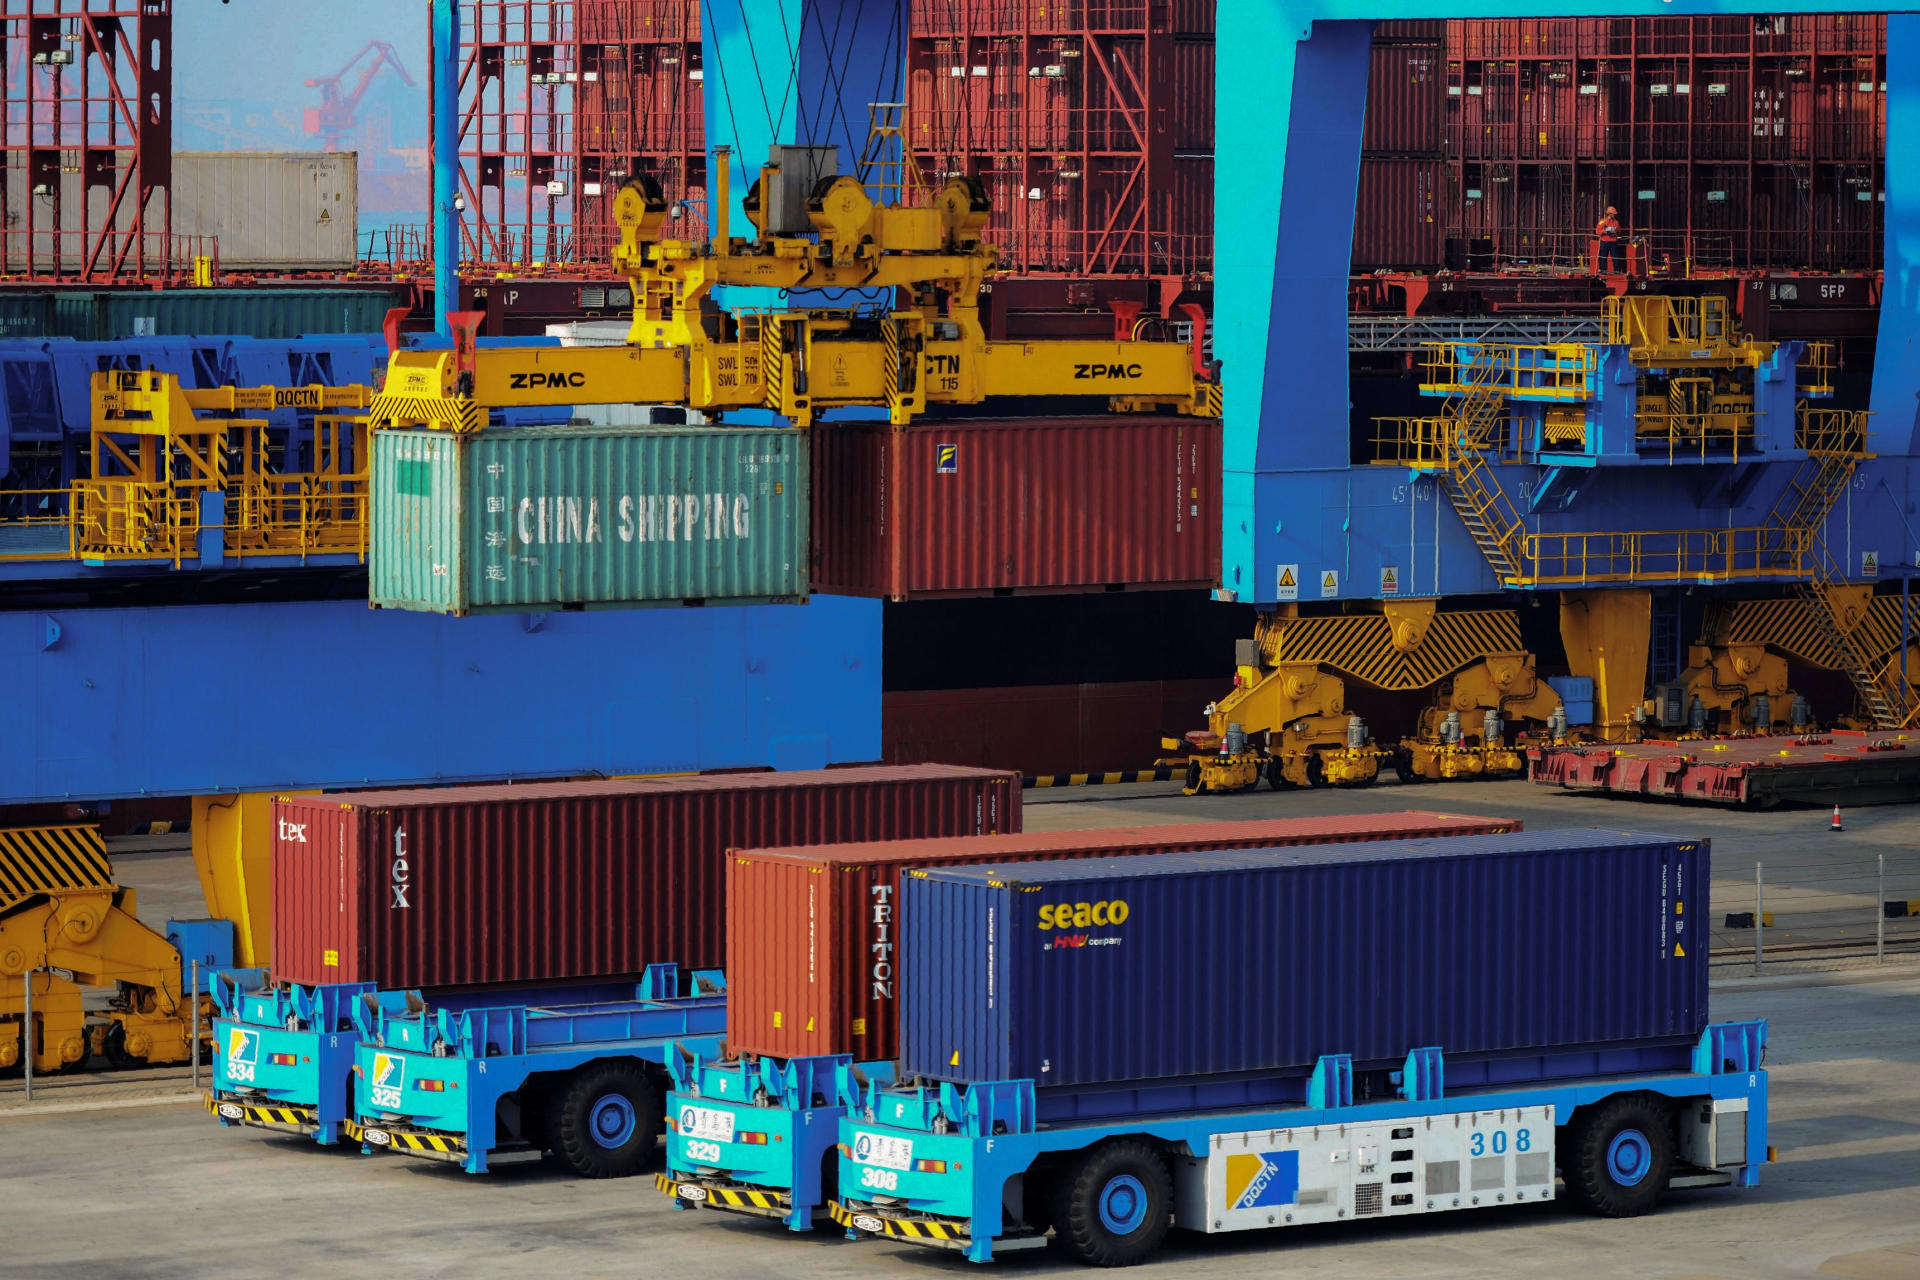 تجارة الصين مع دول الحزام والطريق تتجاوز 5.5 تريليون دولار